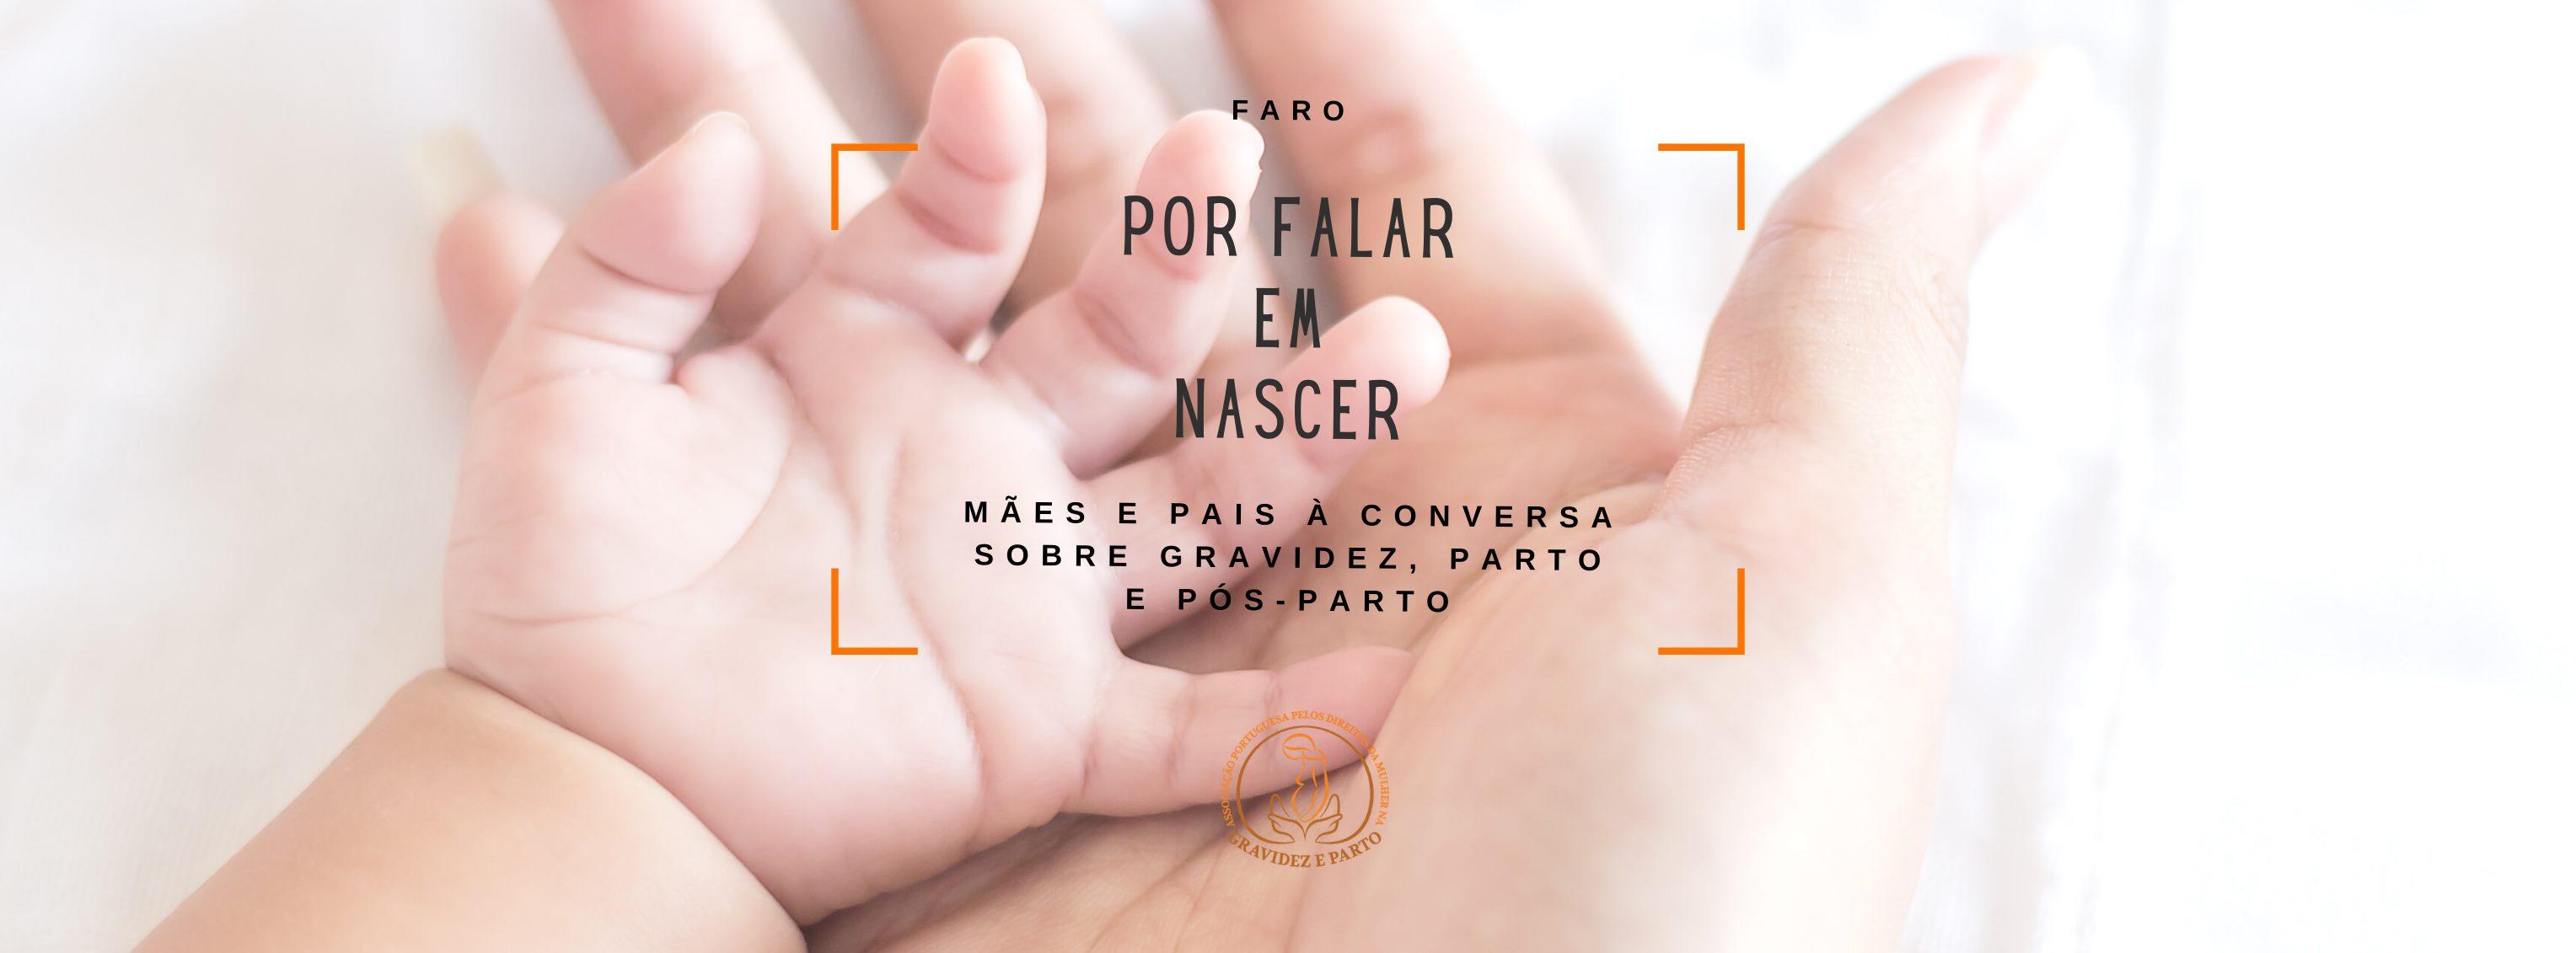 Por Falar em Nascer...Faro: 'Alimentação dos bebés'